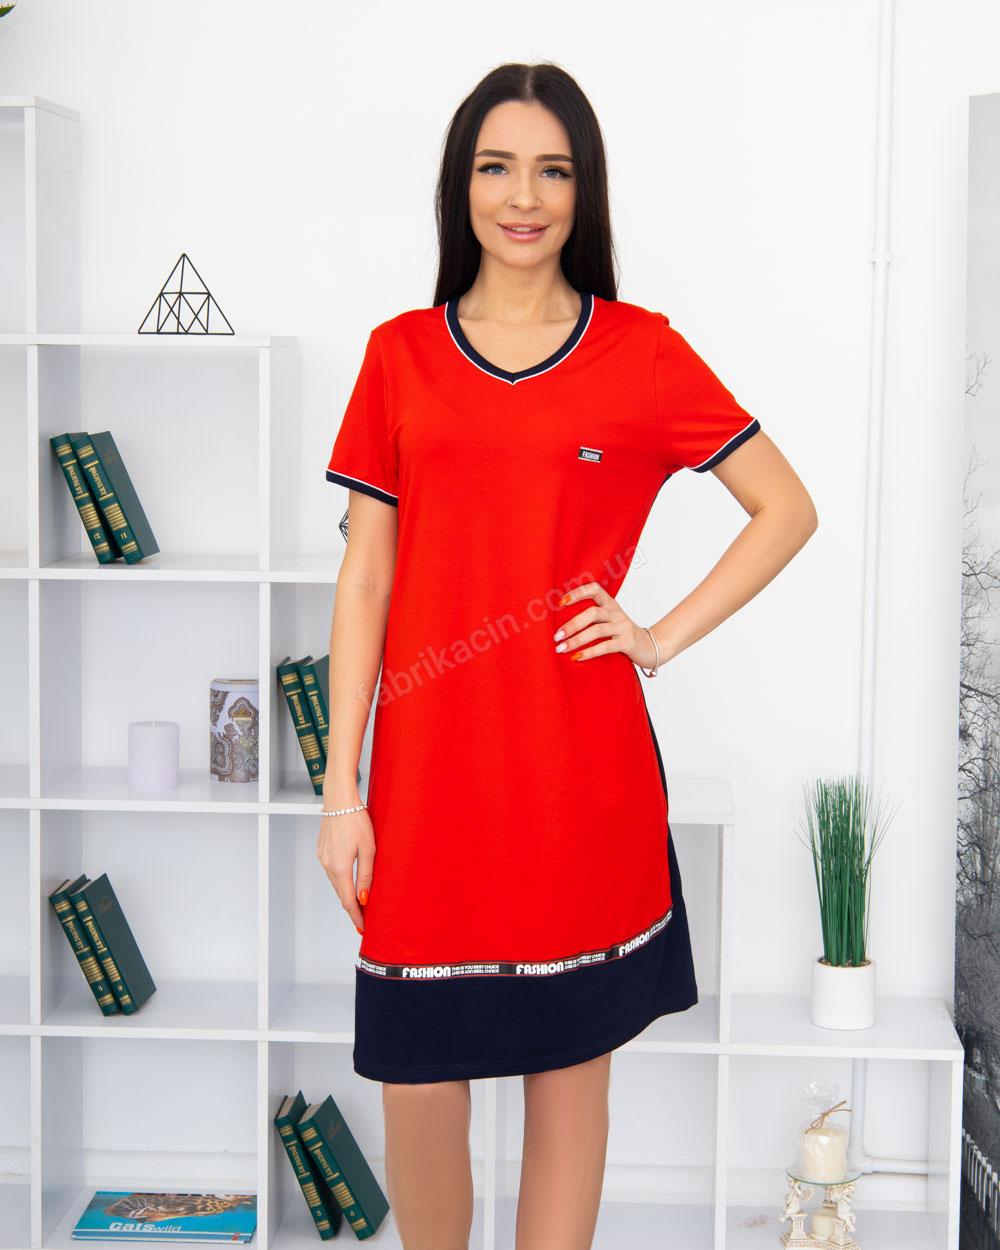 Сукня Fassion трикотажна, 100% бавовна 48 - 58, колір: червоний - 1